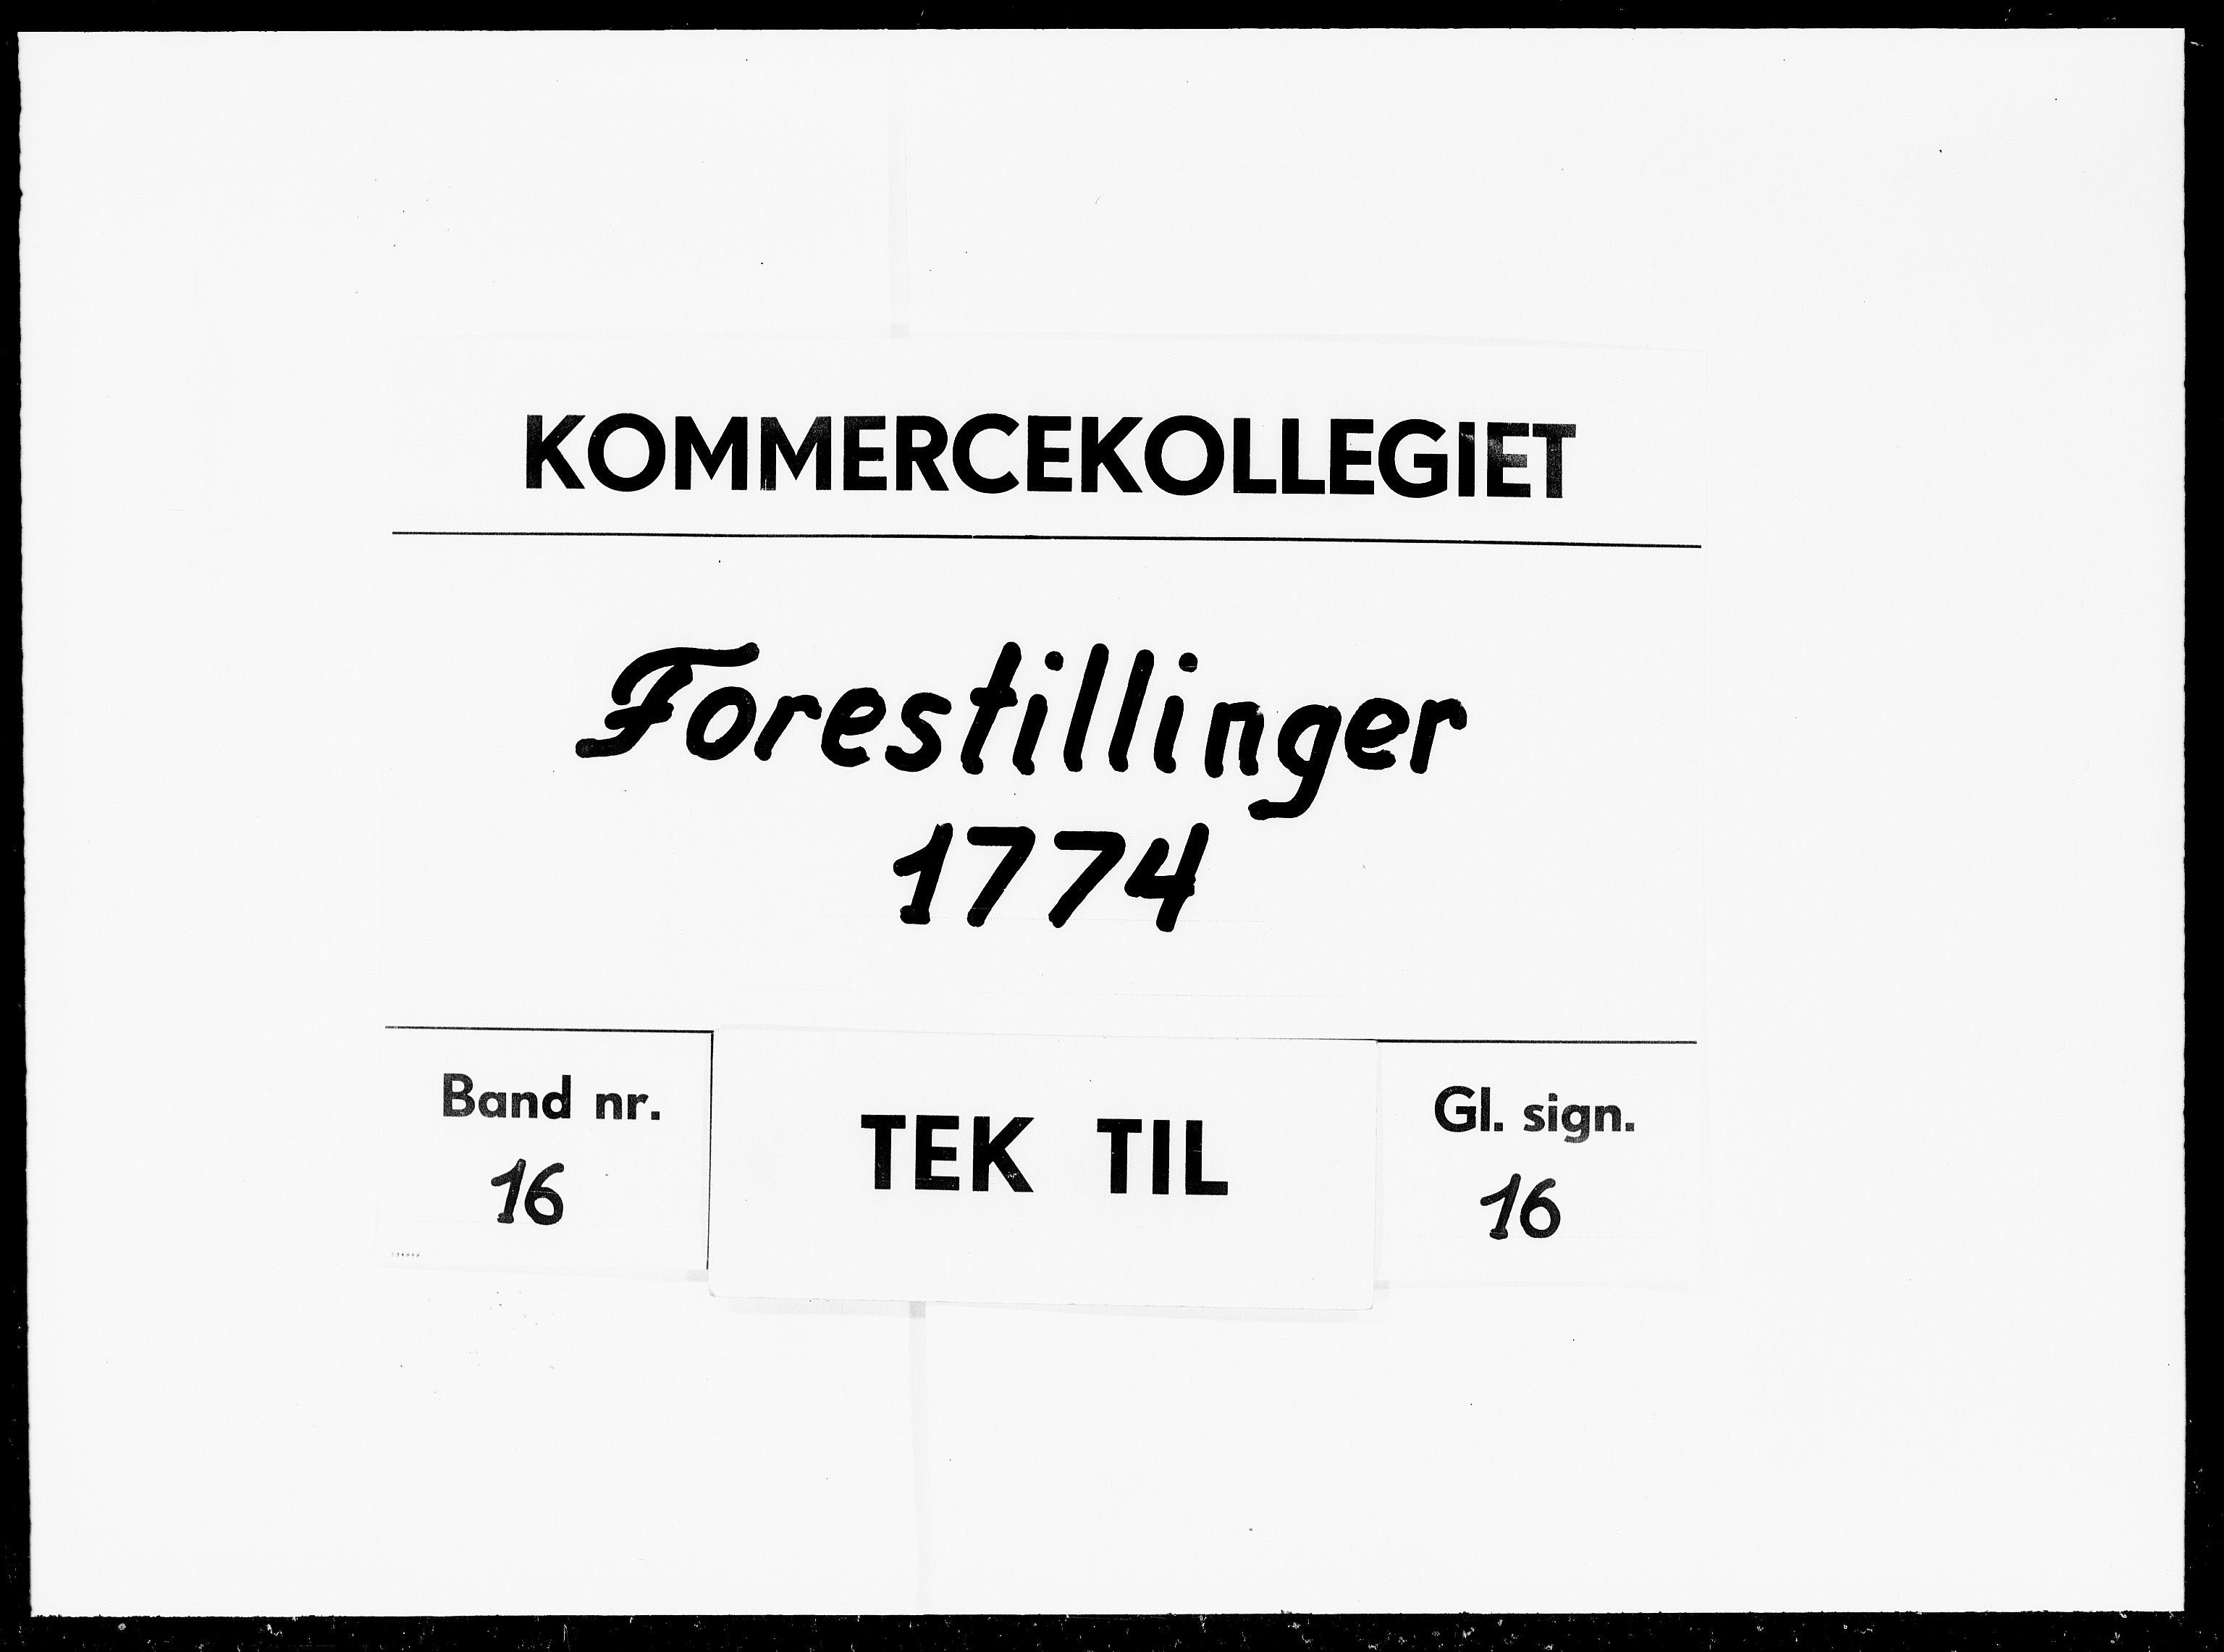 DRA, Kommercekollegiet, Danske Sekretariat, -/431: Forestillinger, 1774